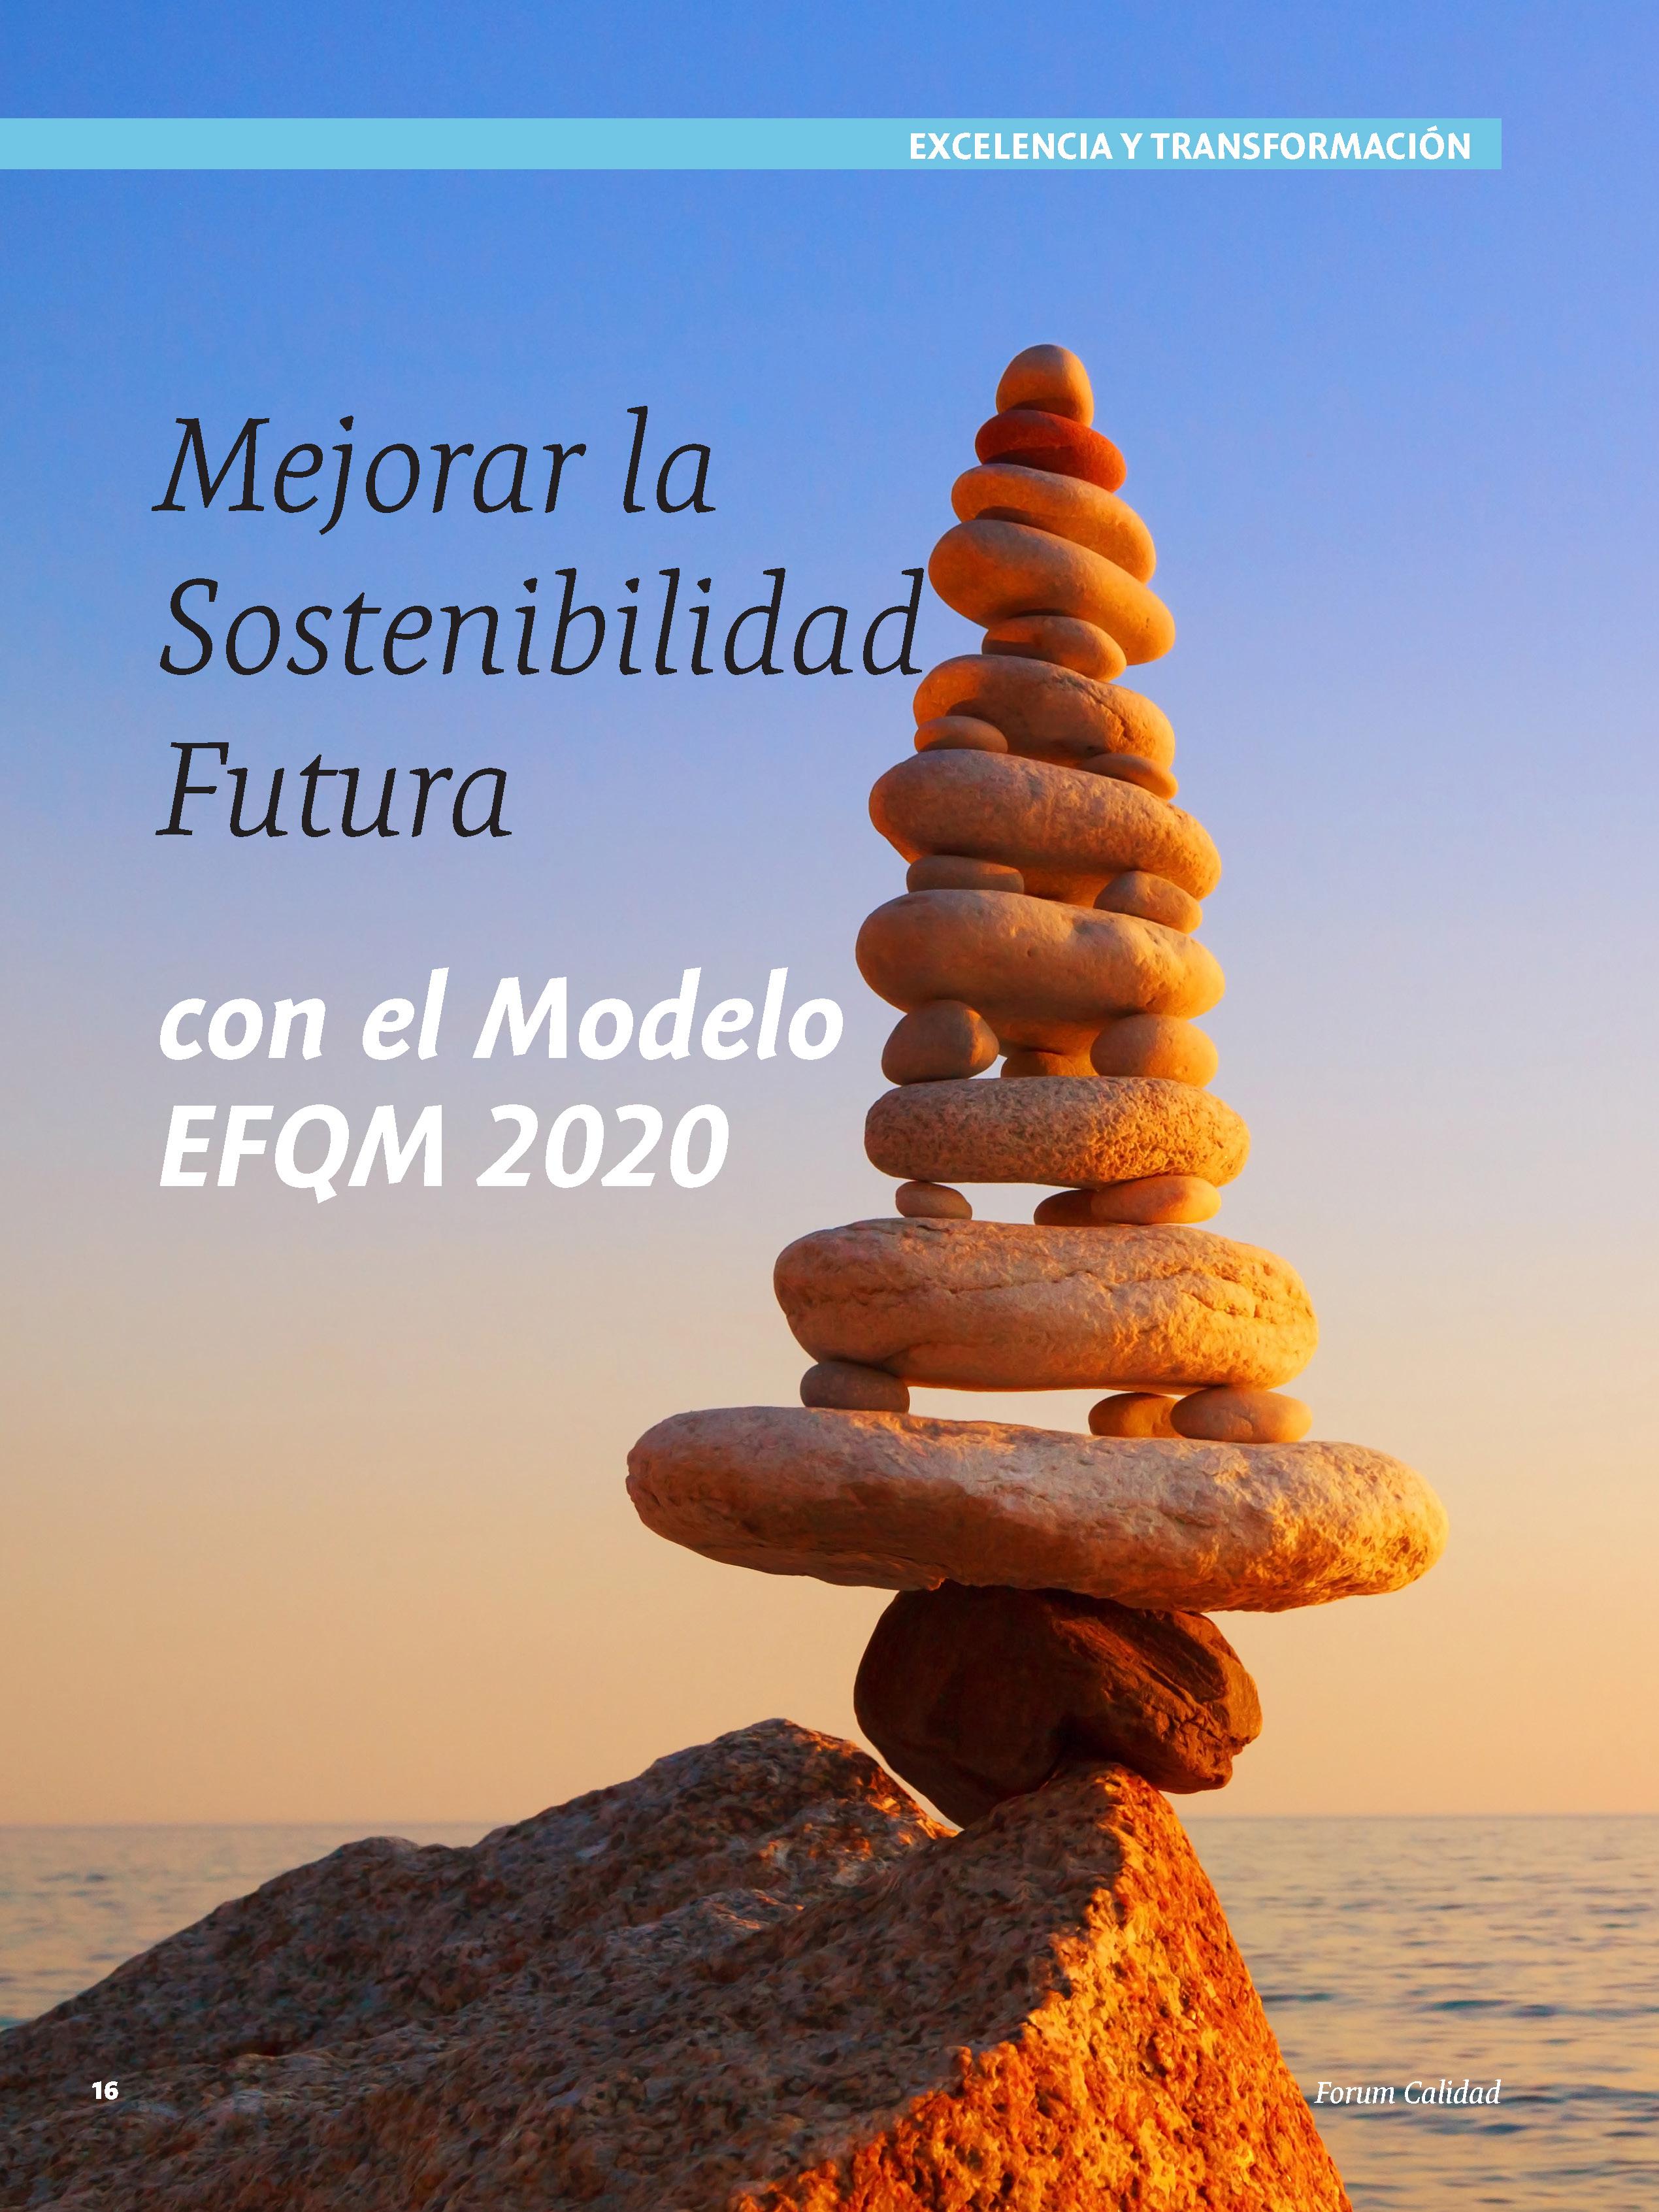 Mejorar la sostenibilidad futura con el Modelo EFQM 2020